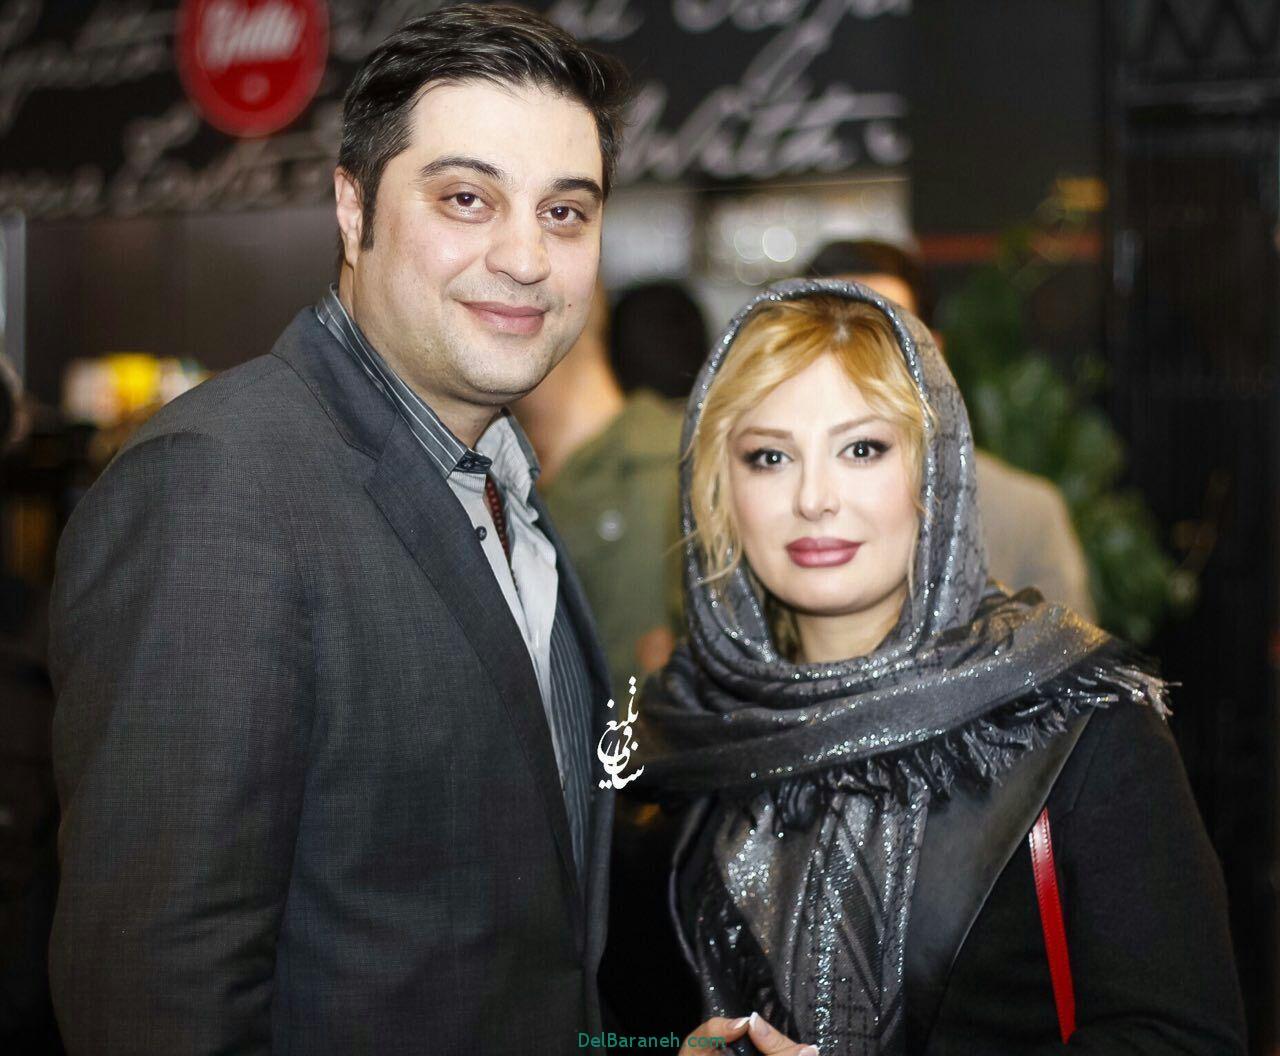 عکسهای اینستاگرامی جدید بازیگران دی ماه ۹۵ (4)